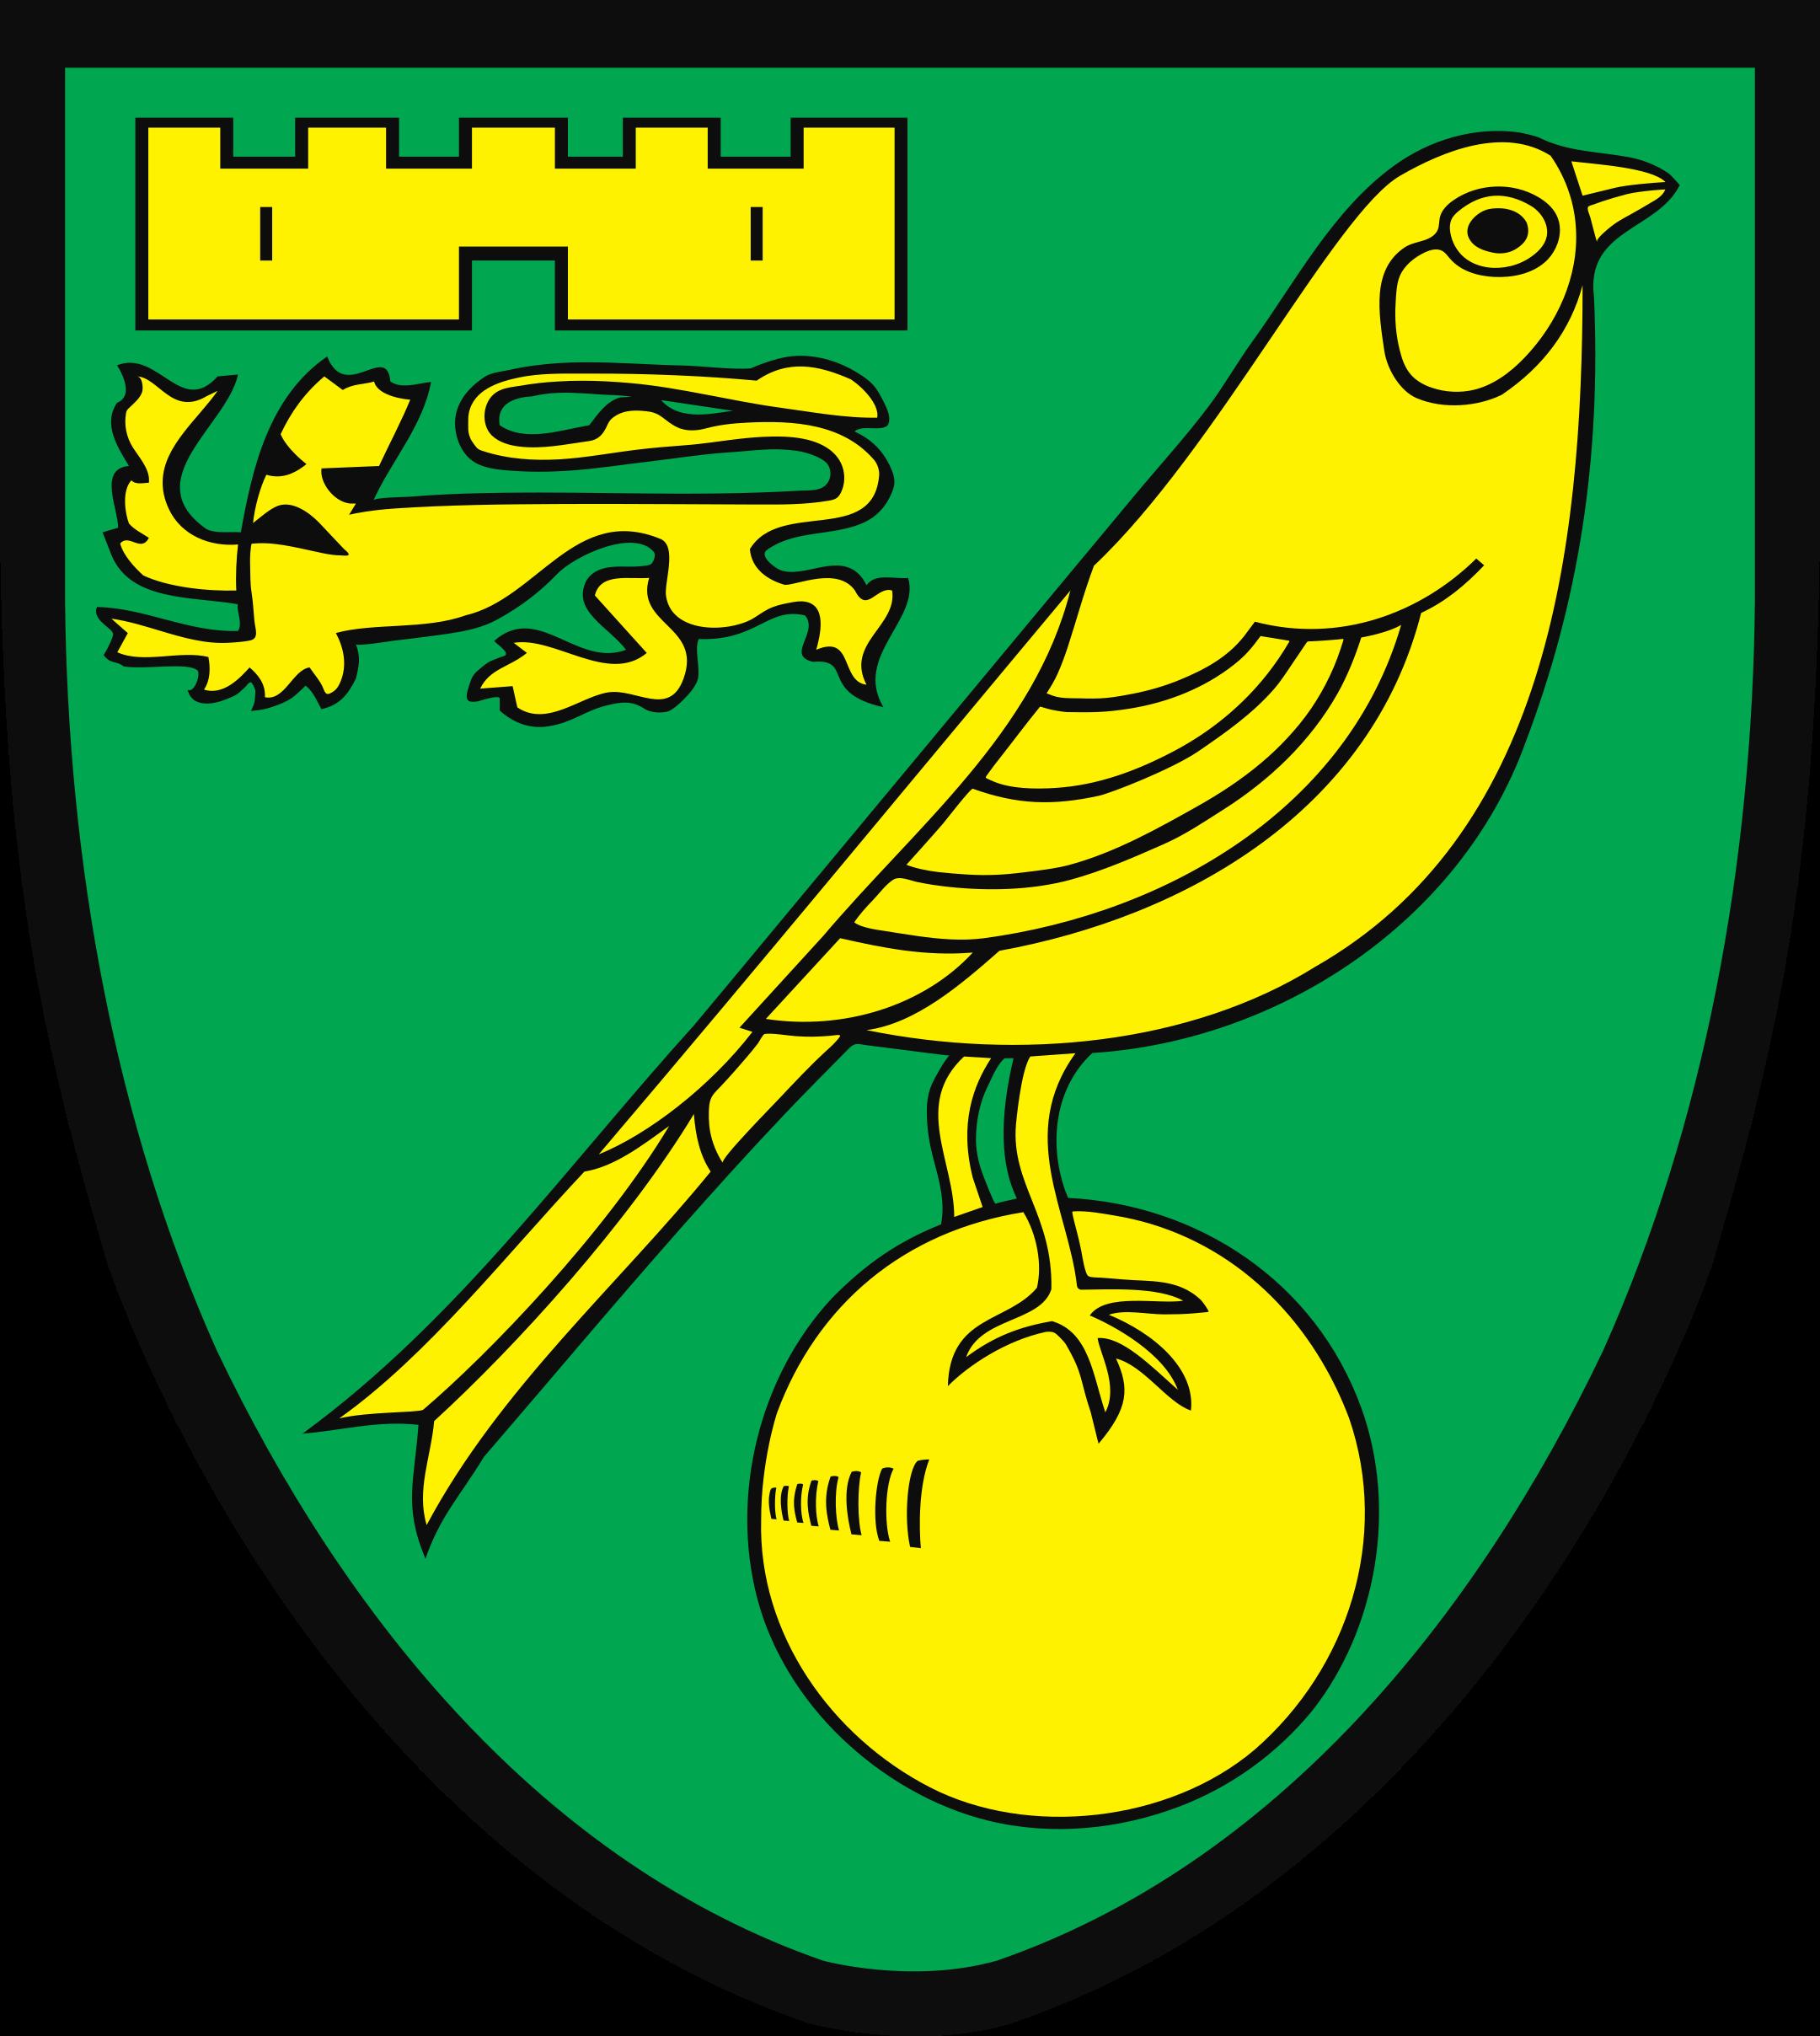 norwich fc logo 1 - Norwich City FC Logo